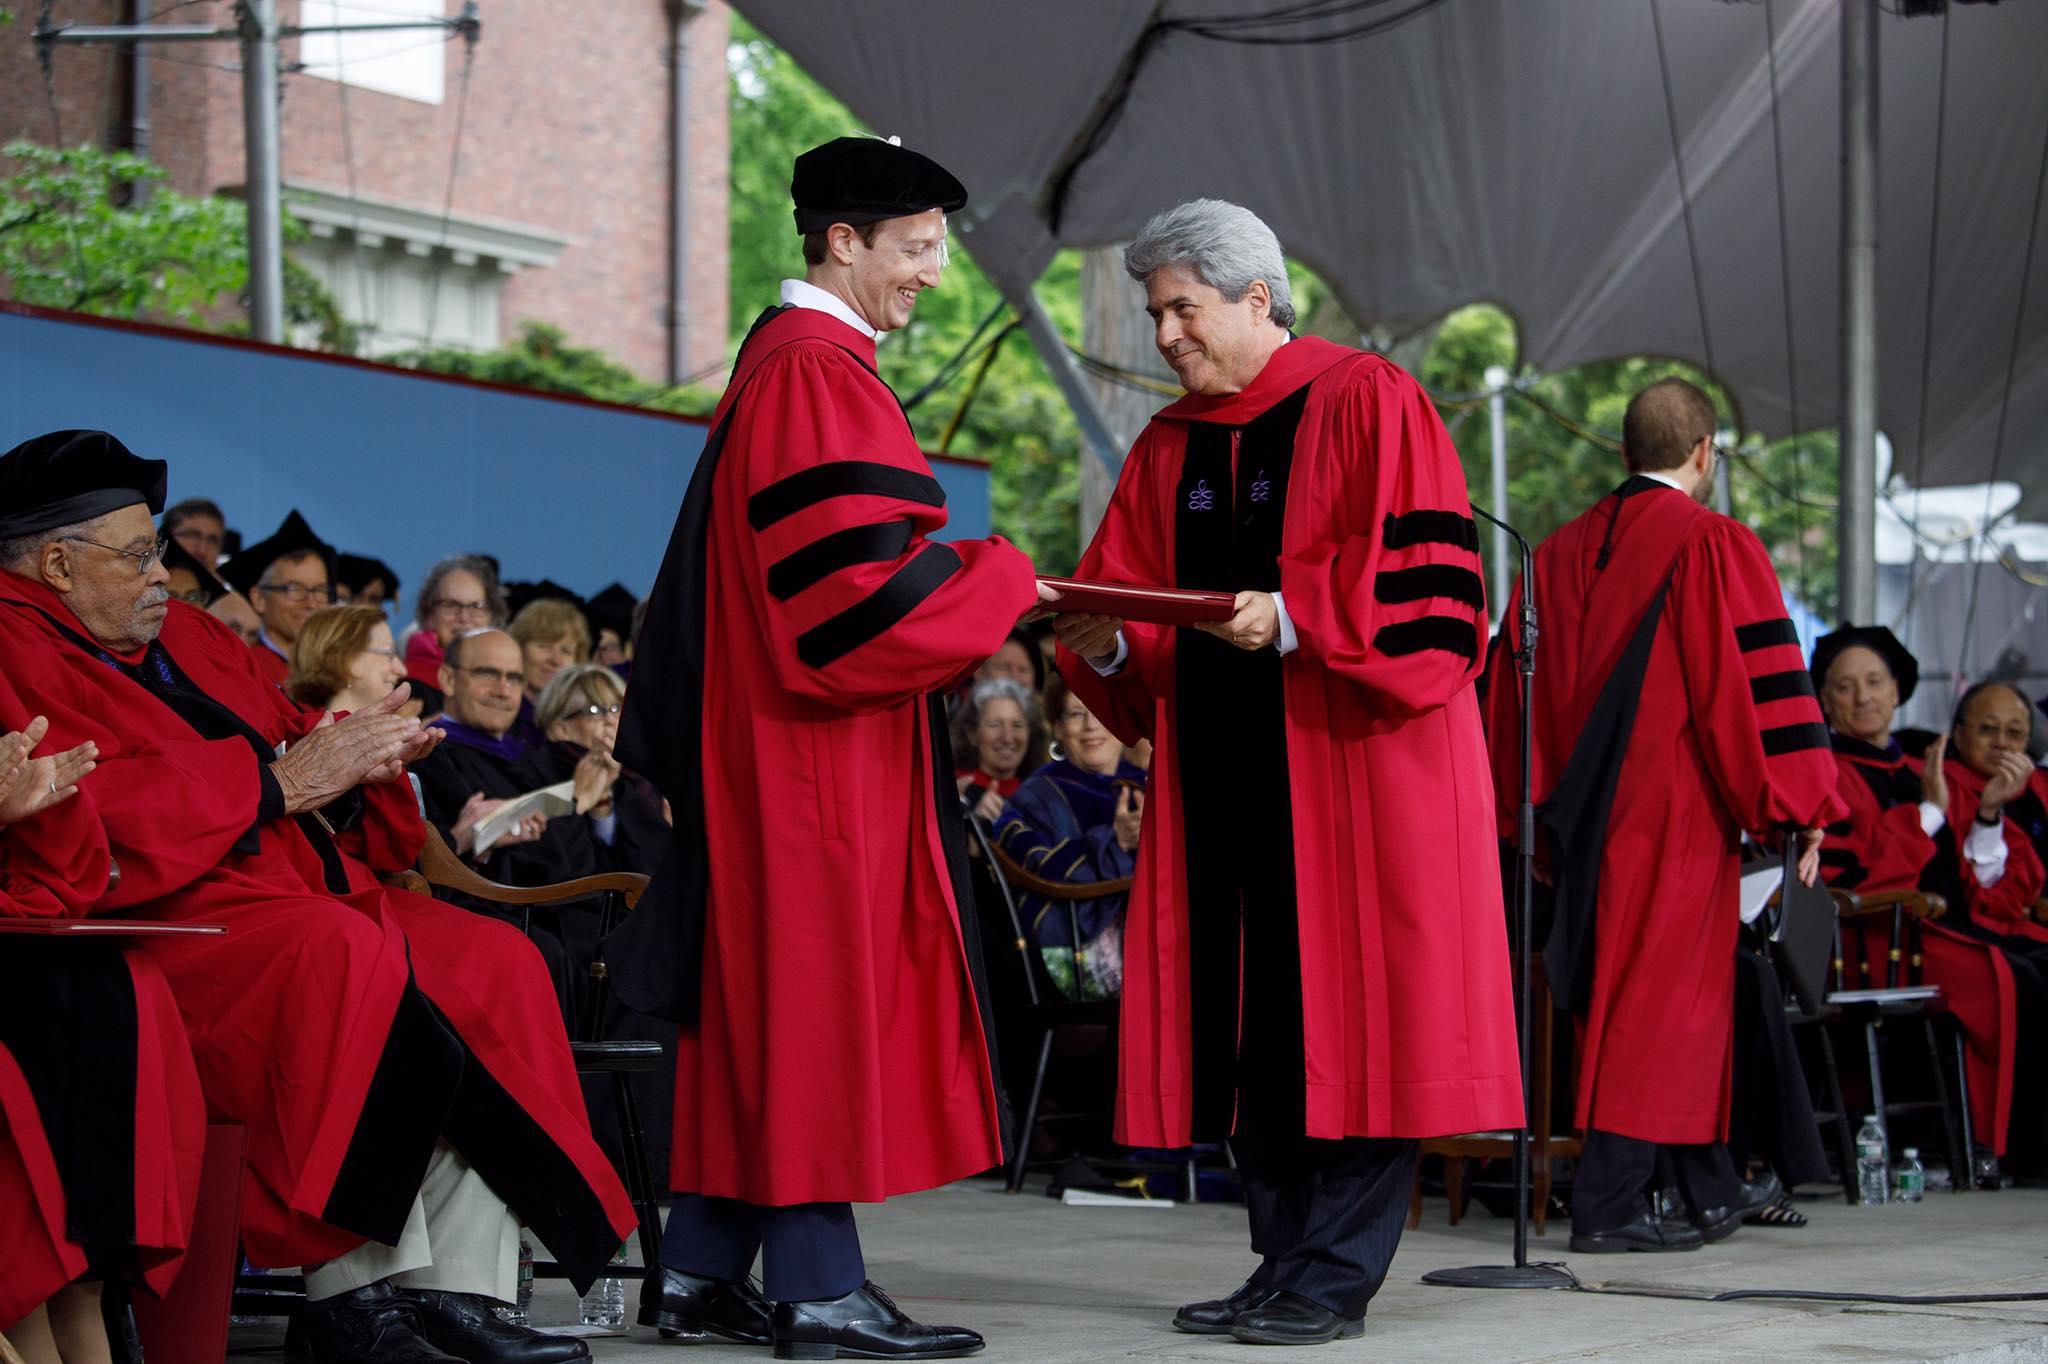 لحظة استلام شهادة التخرج